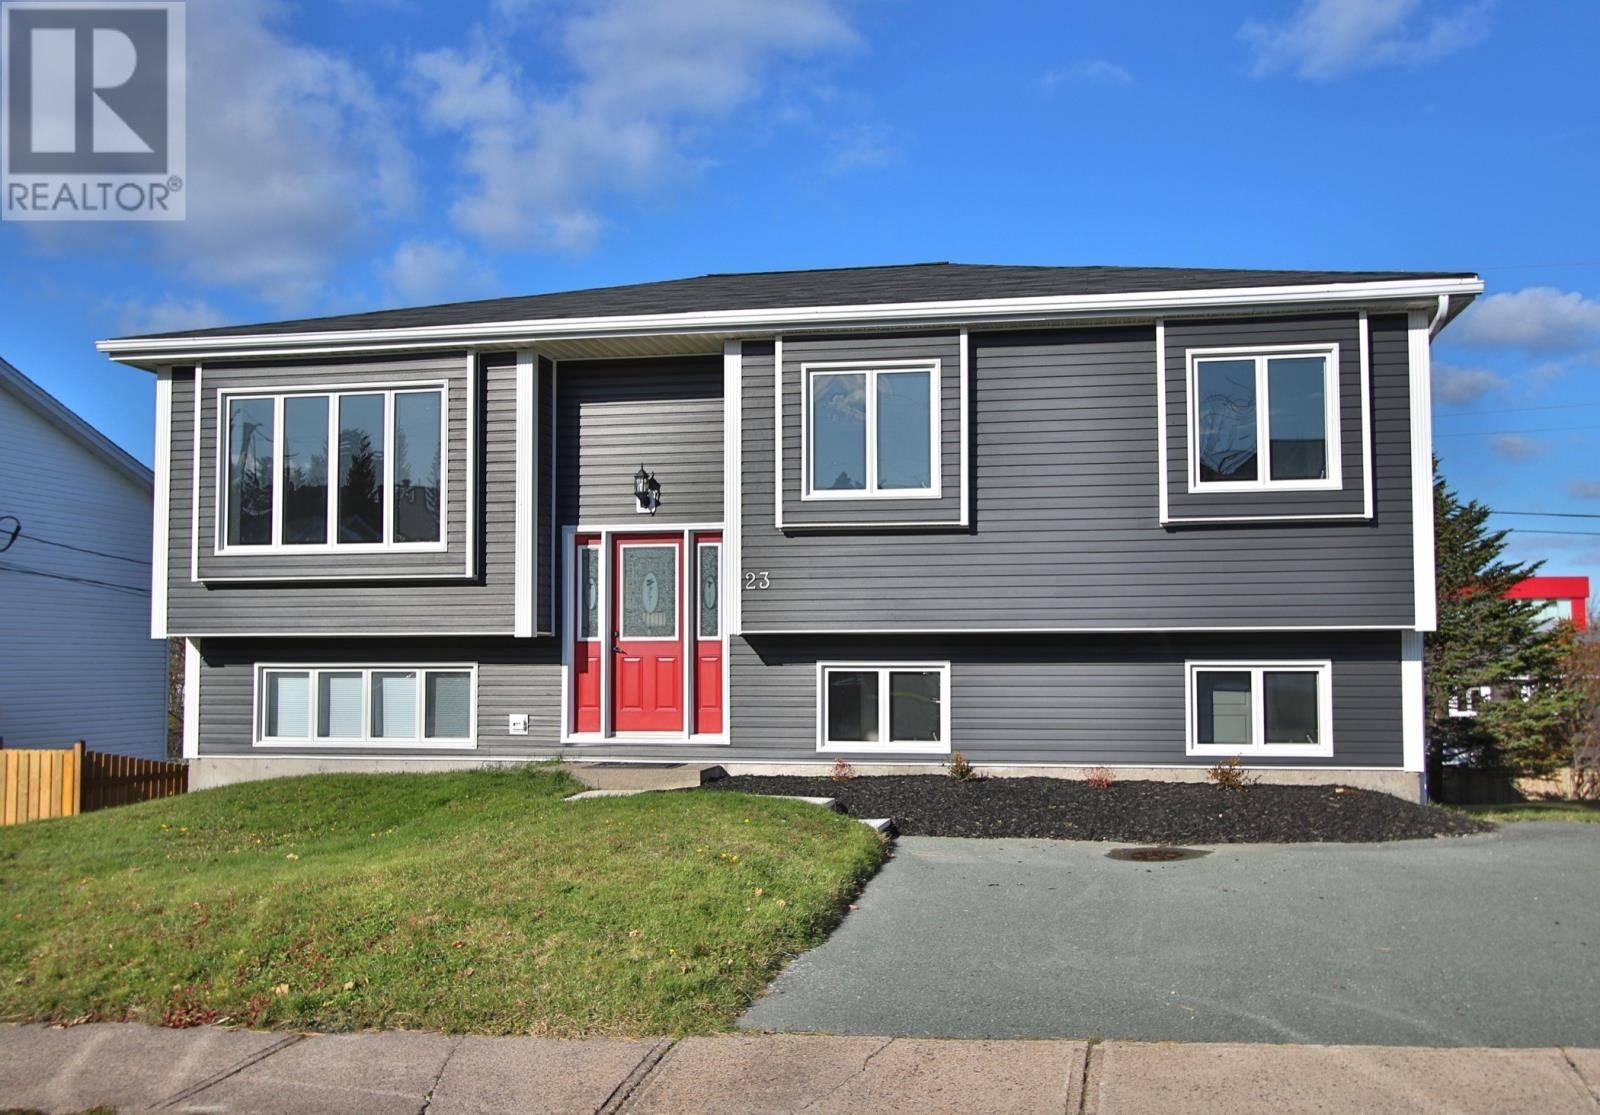 House for sale at 23 Bugler Pl St. John's Newfoundland - MLS: 1206953